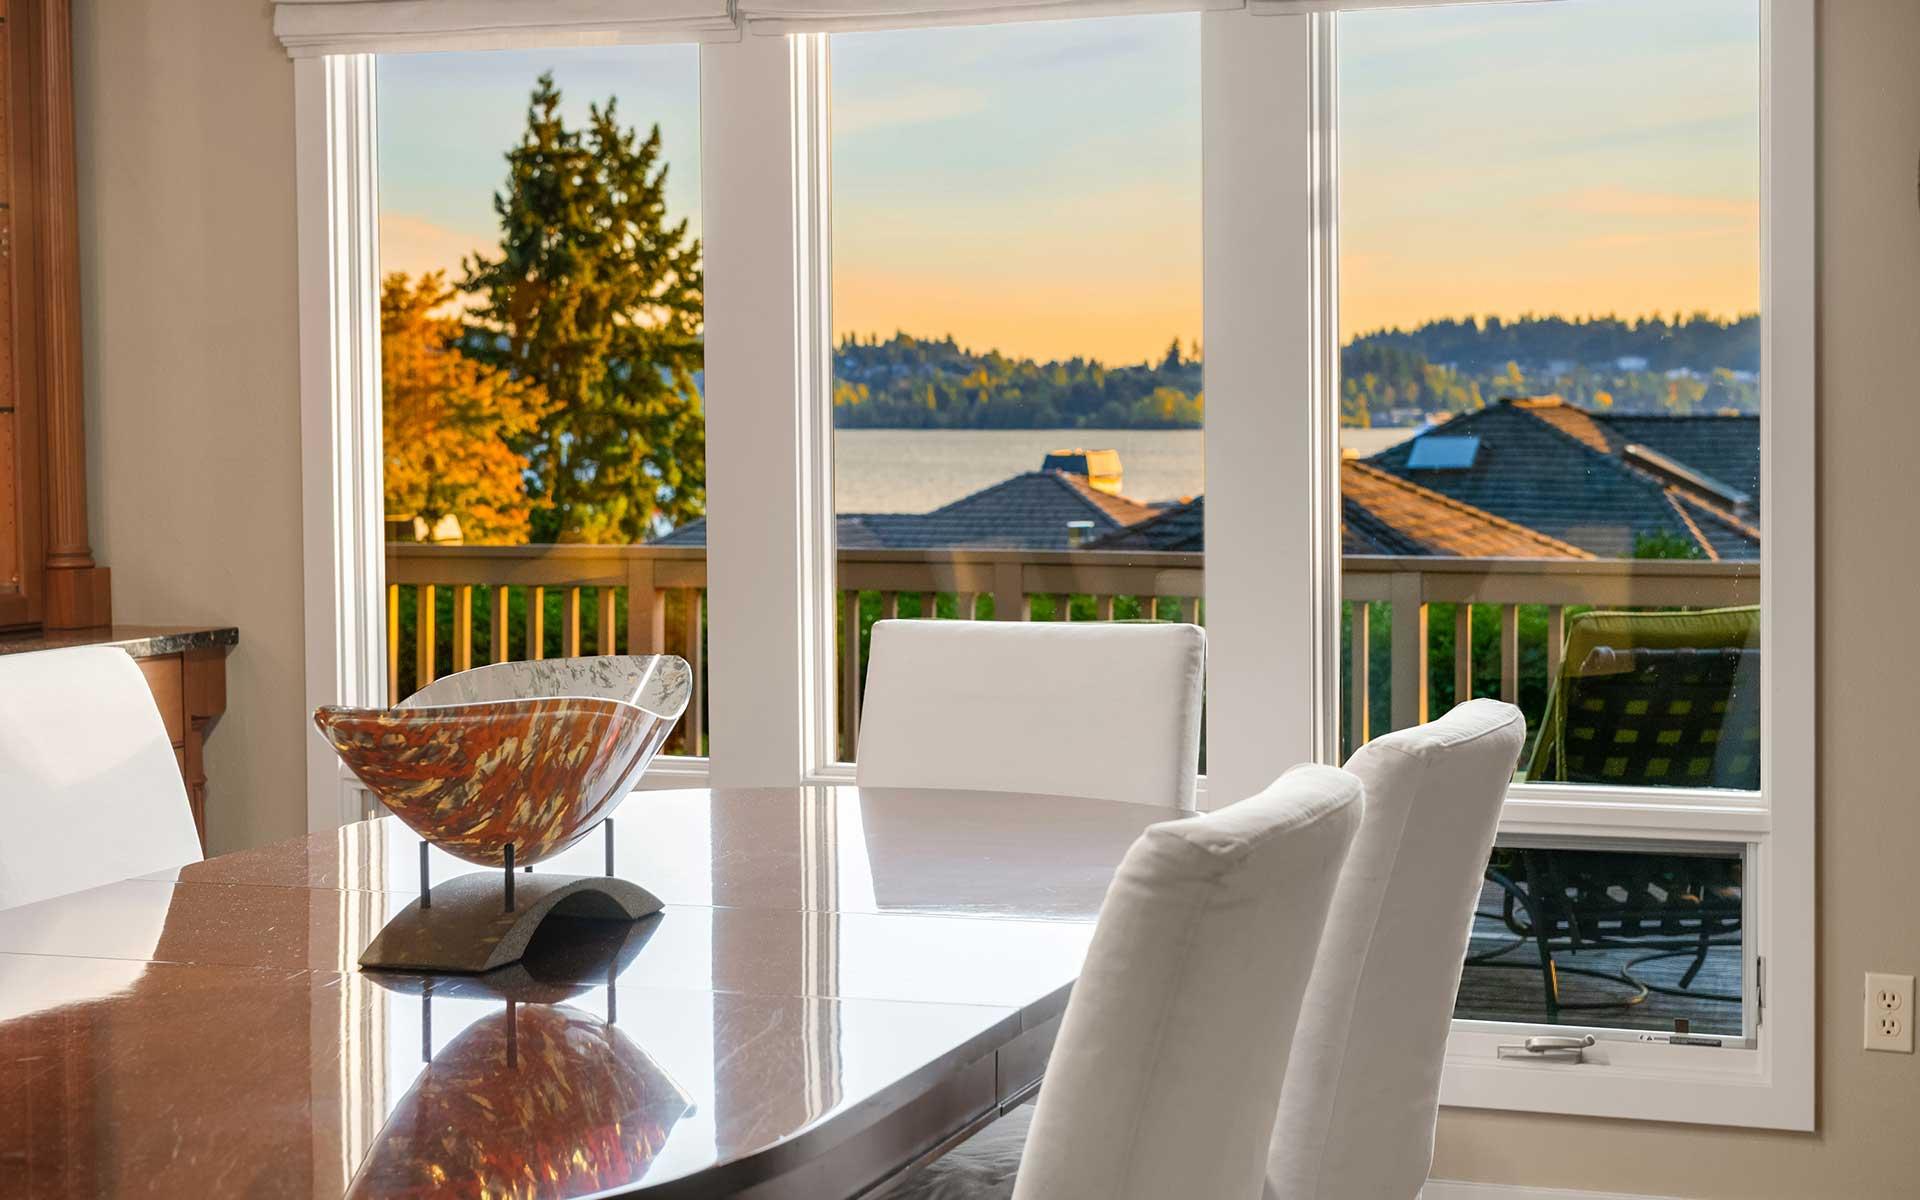 Northwest Style & Lake Views in Meydenbauer photo